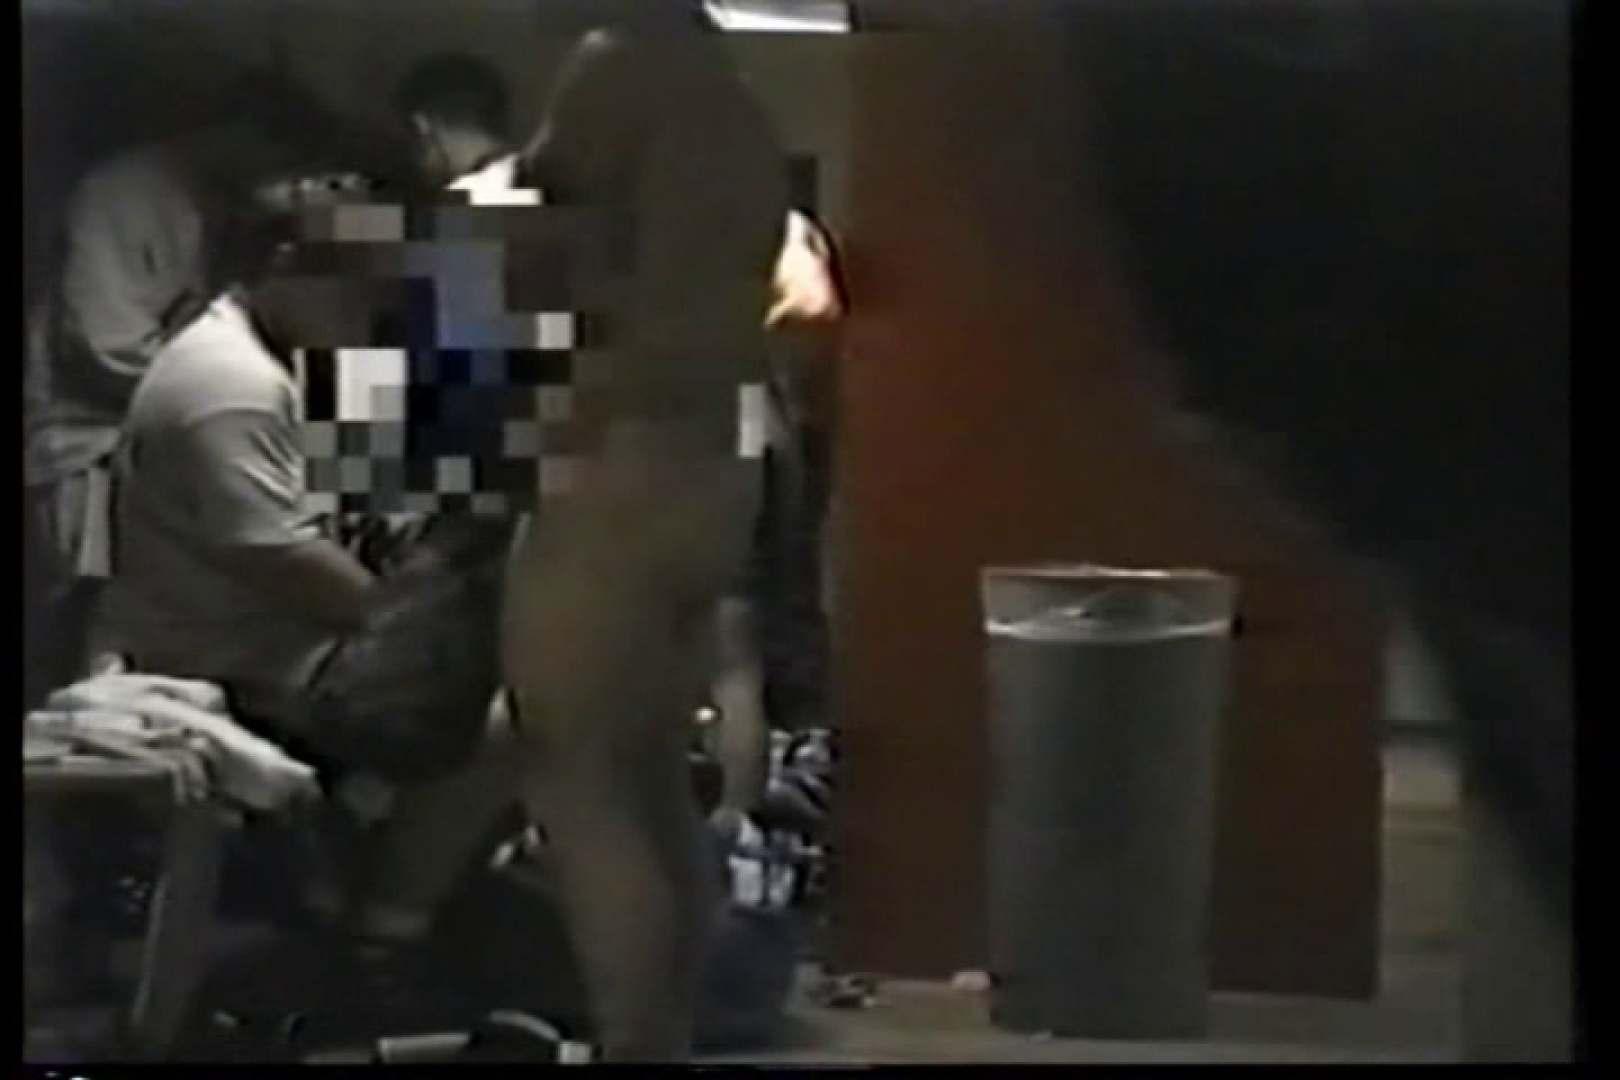 洋人さんの脱衣所を覗いてみました。VOL.3 のぞき  38pic 38